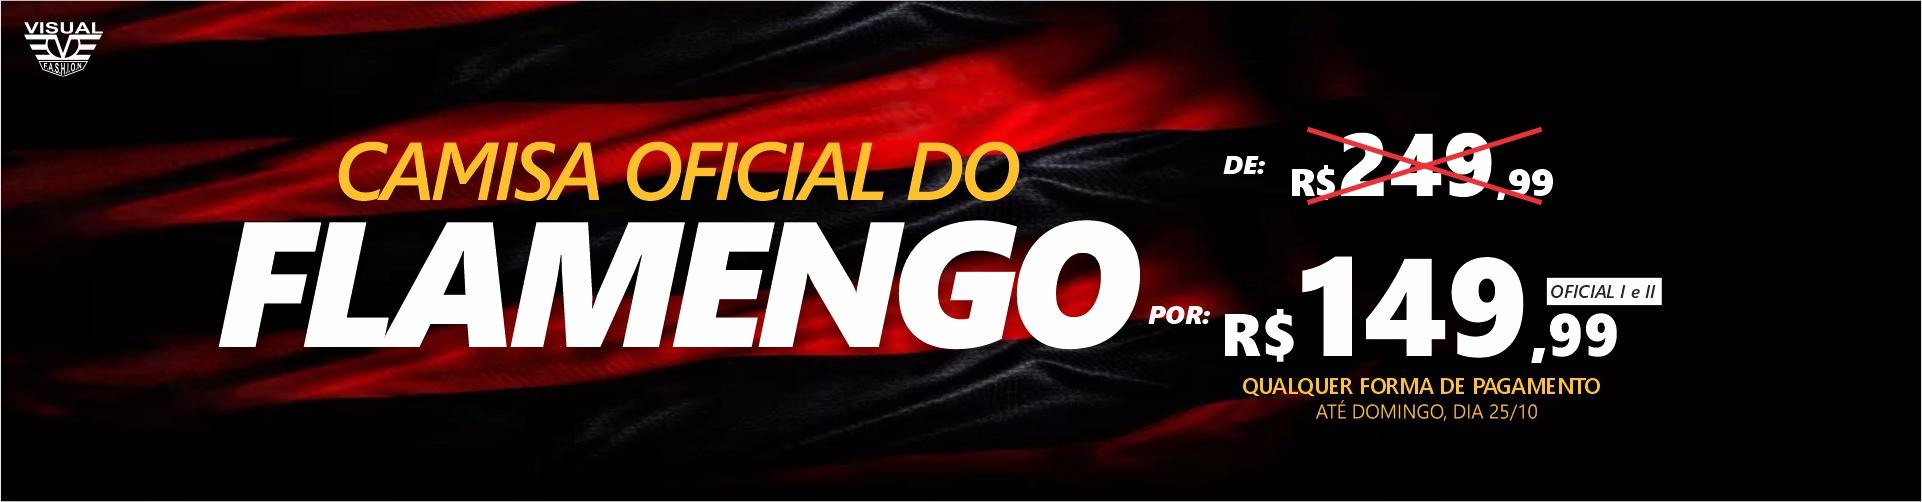 banner flamengo promoção